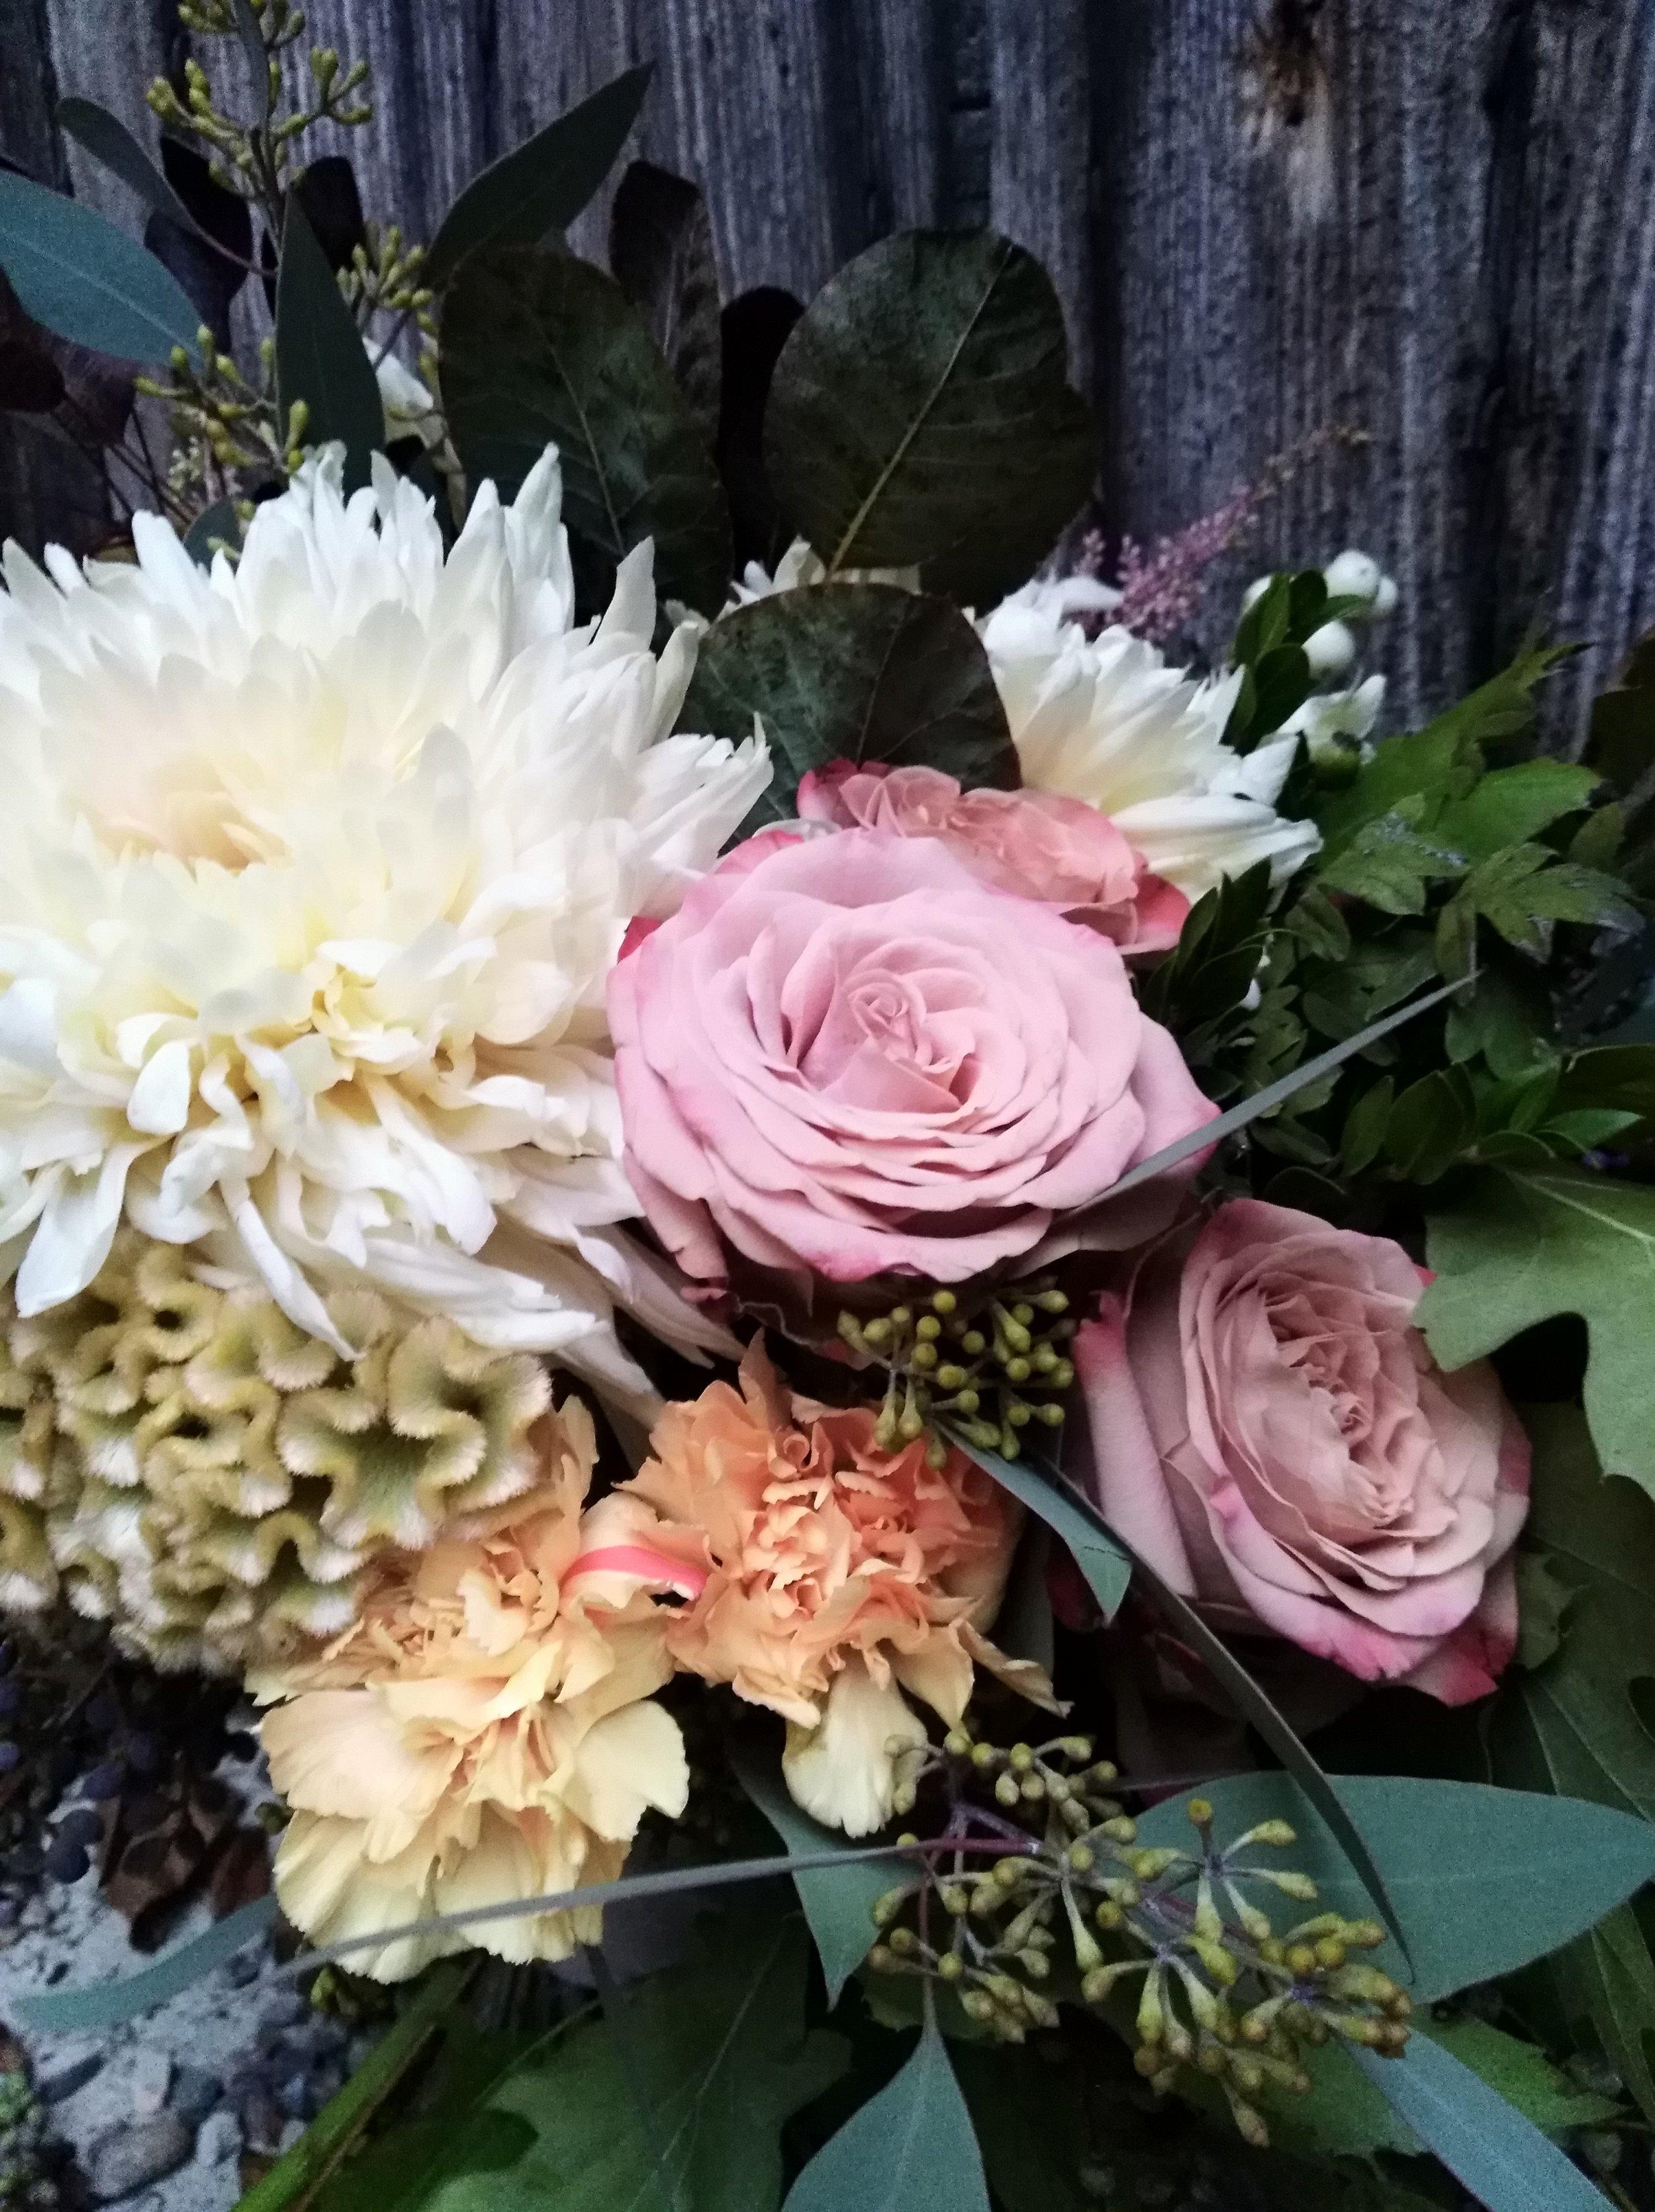 corso floral design verona corso flower design